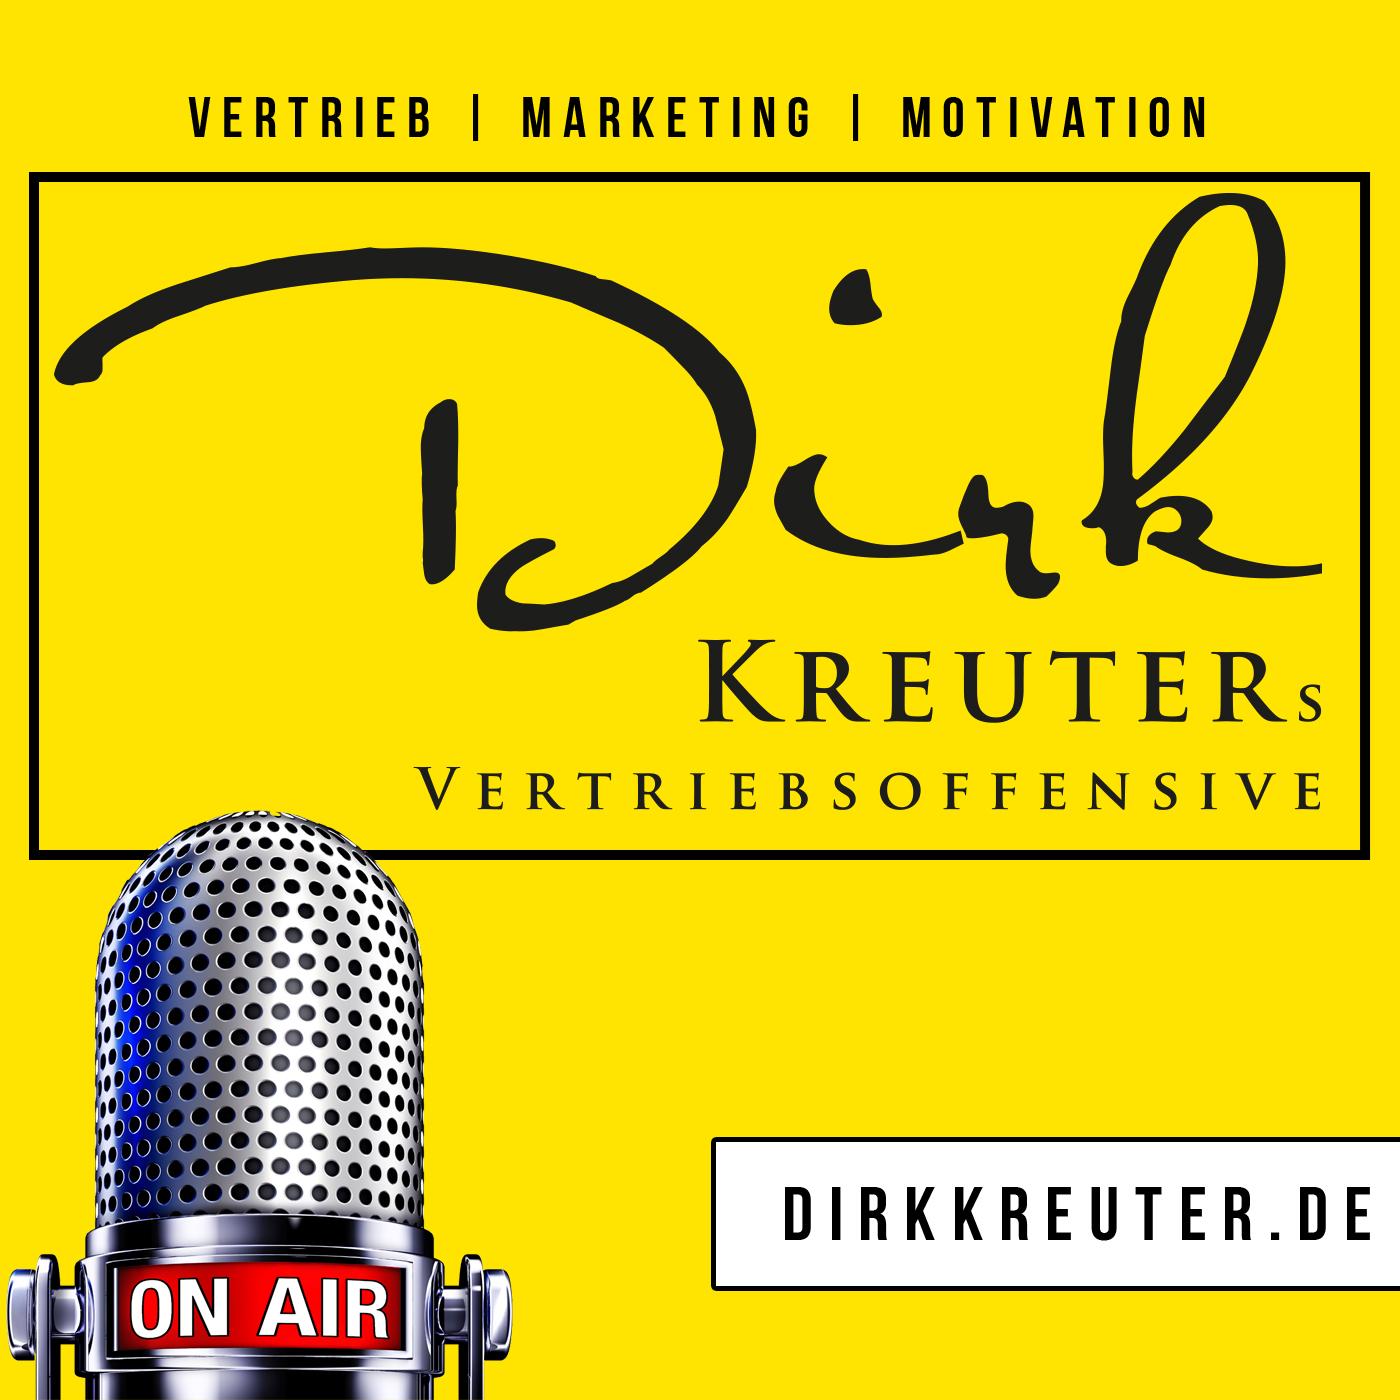 Dirk Kreuters Vertriebsoffensive: Verkauf   Marketing   Vertrieb   Führung   Motivation logo